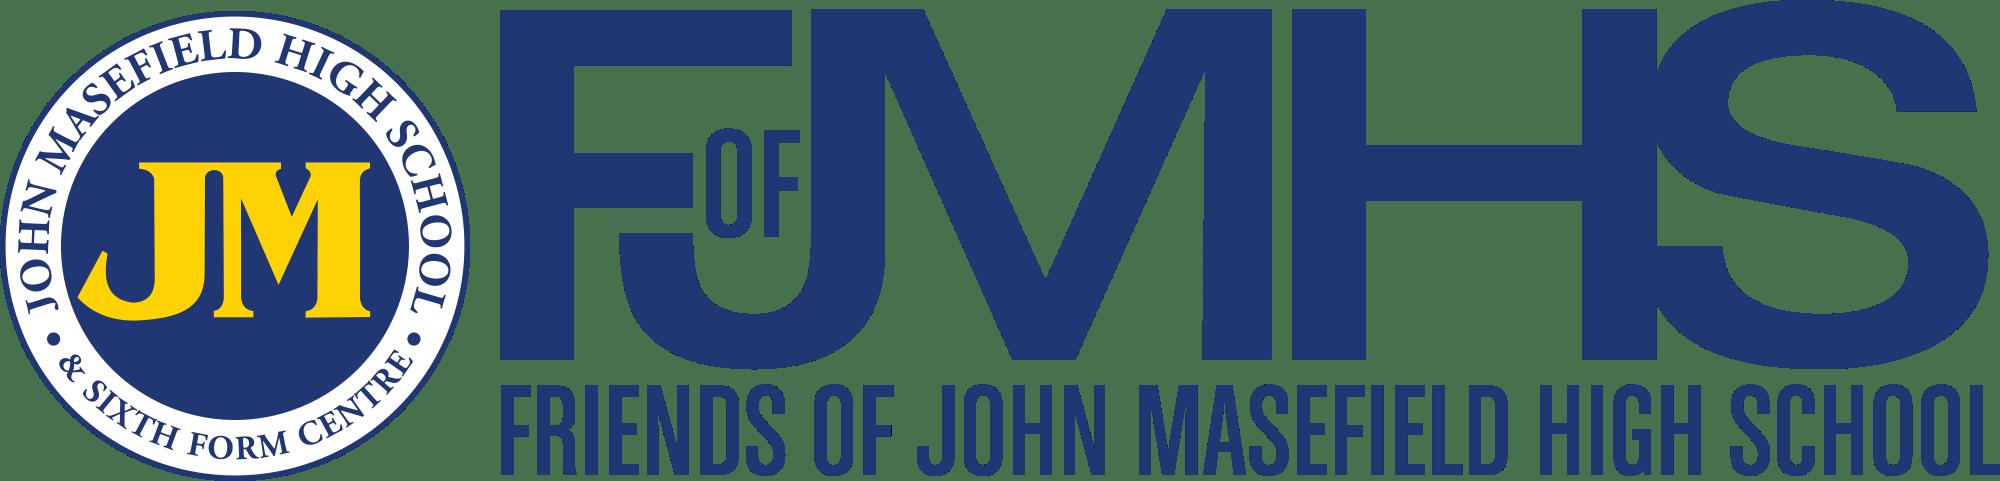 Friends of JMHS logo